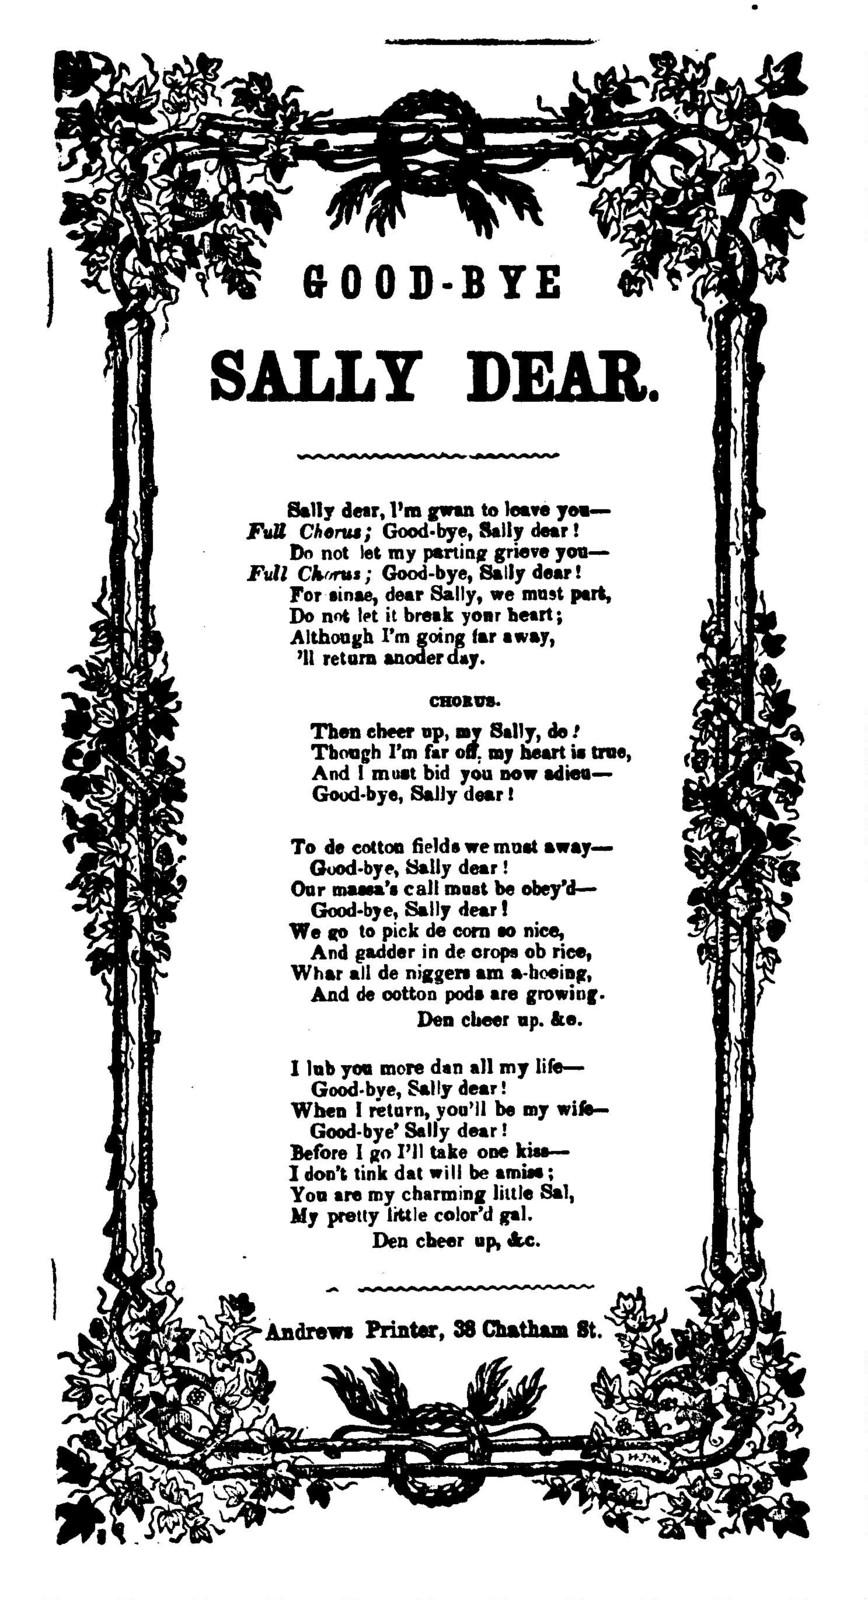 Good-bye Sally dear. Andrews, Printer, 38 Chatham St., [N. Y.]